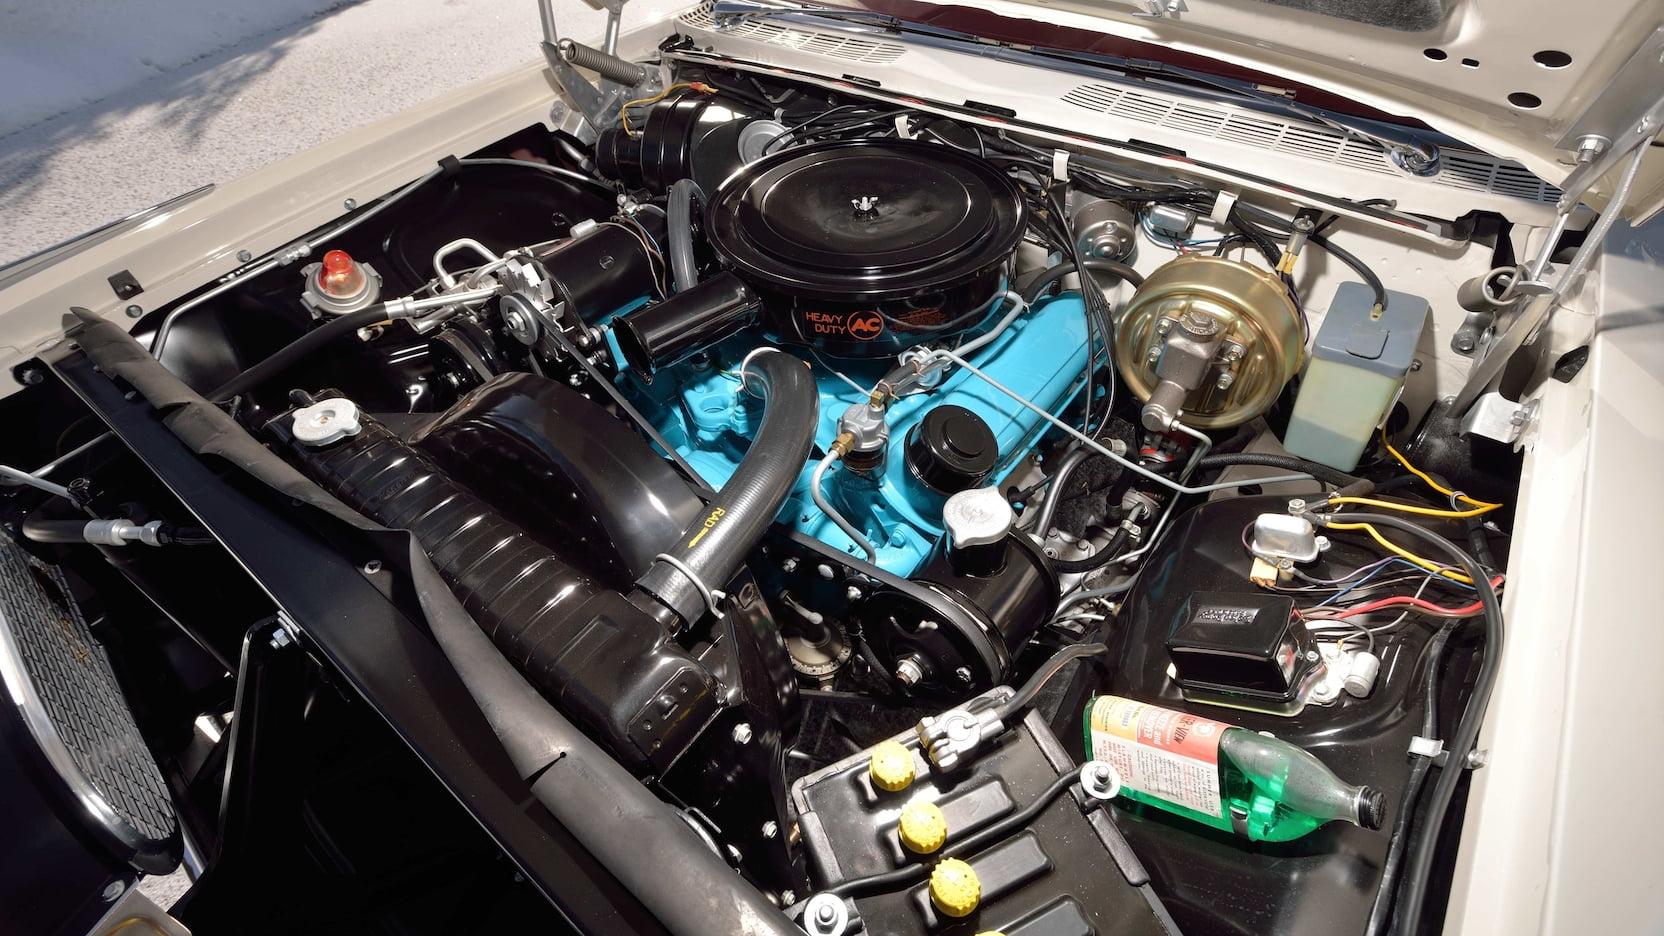 1959 Pontiac El Catalina Prototype (Mecum)